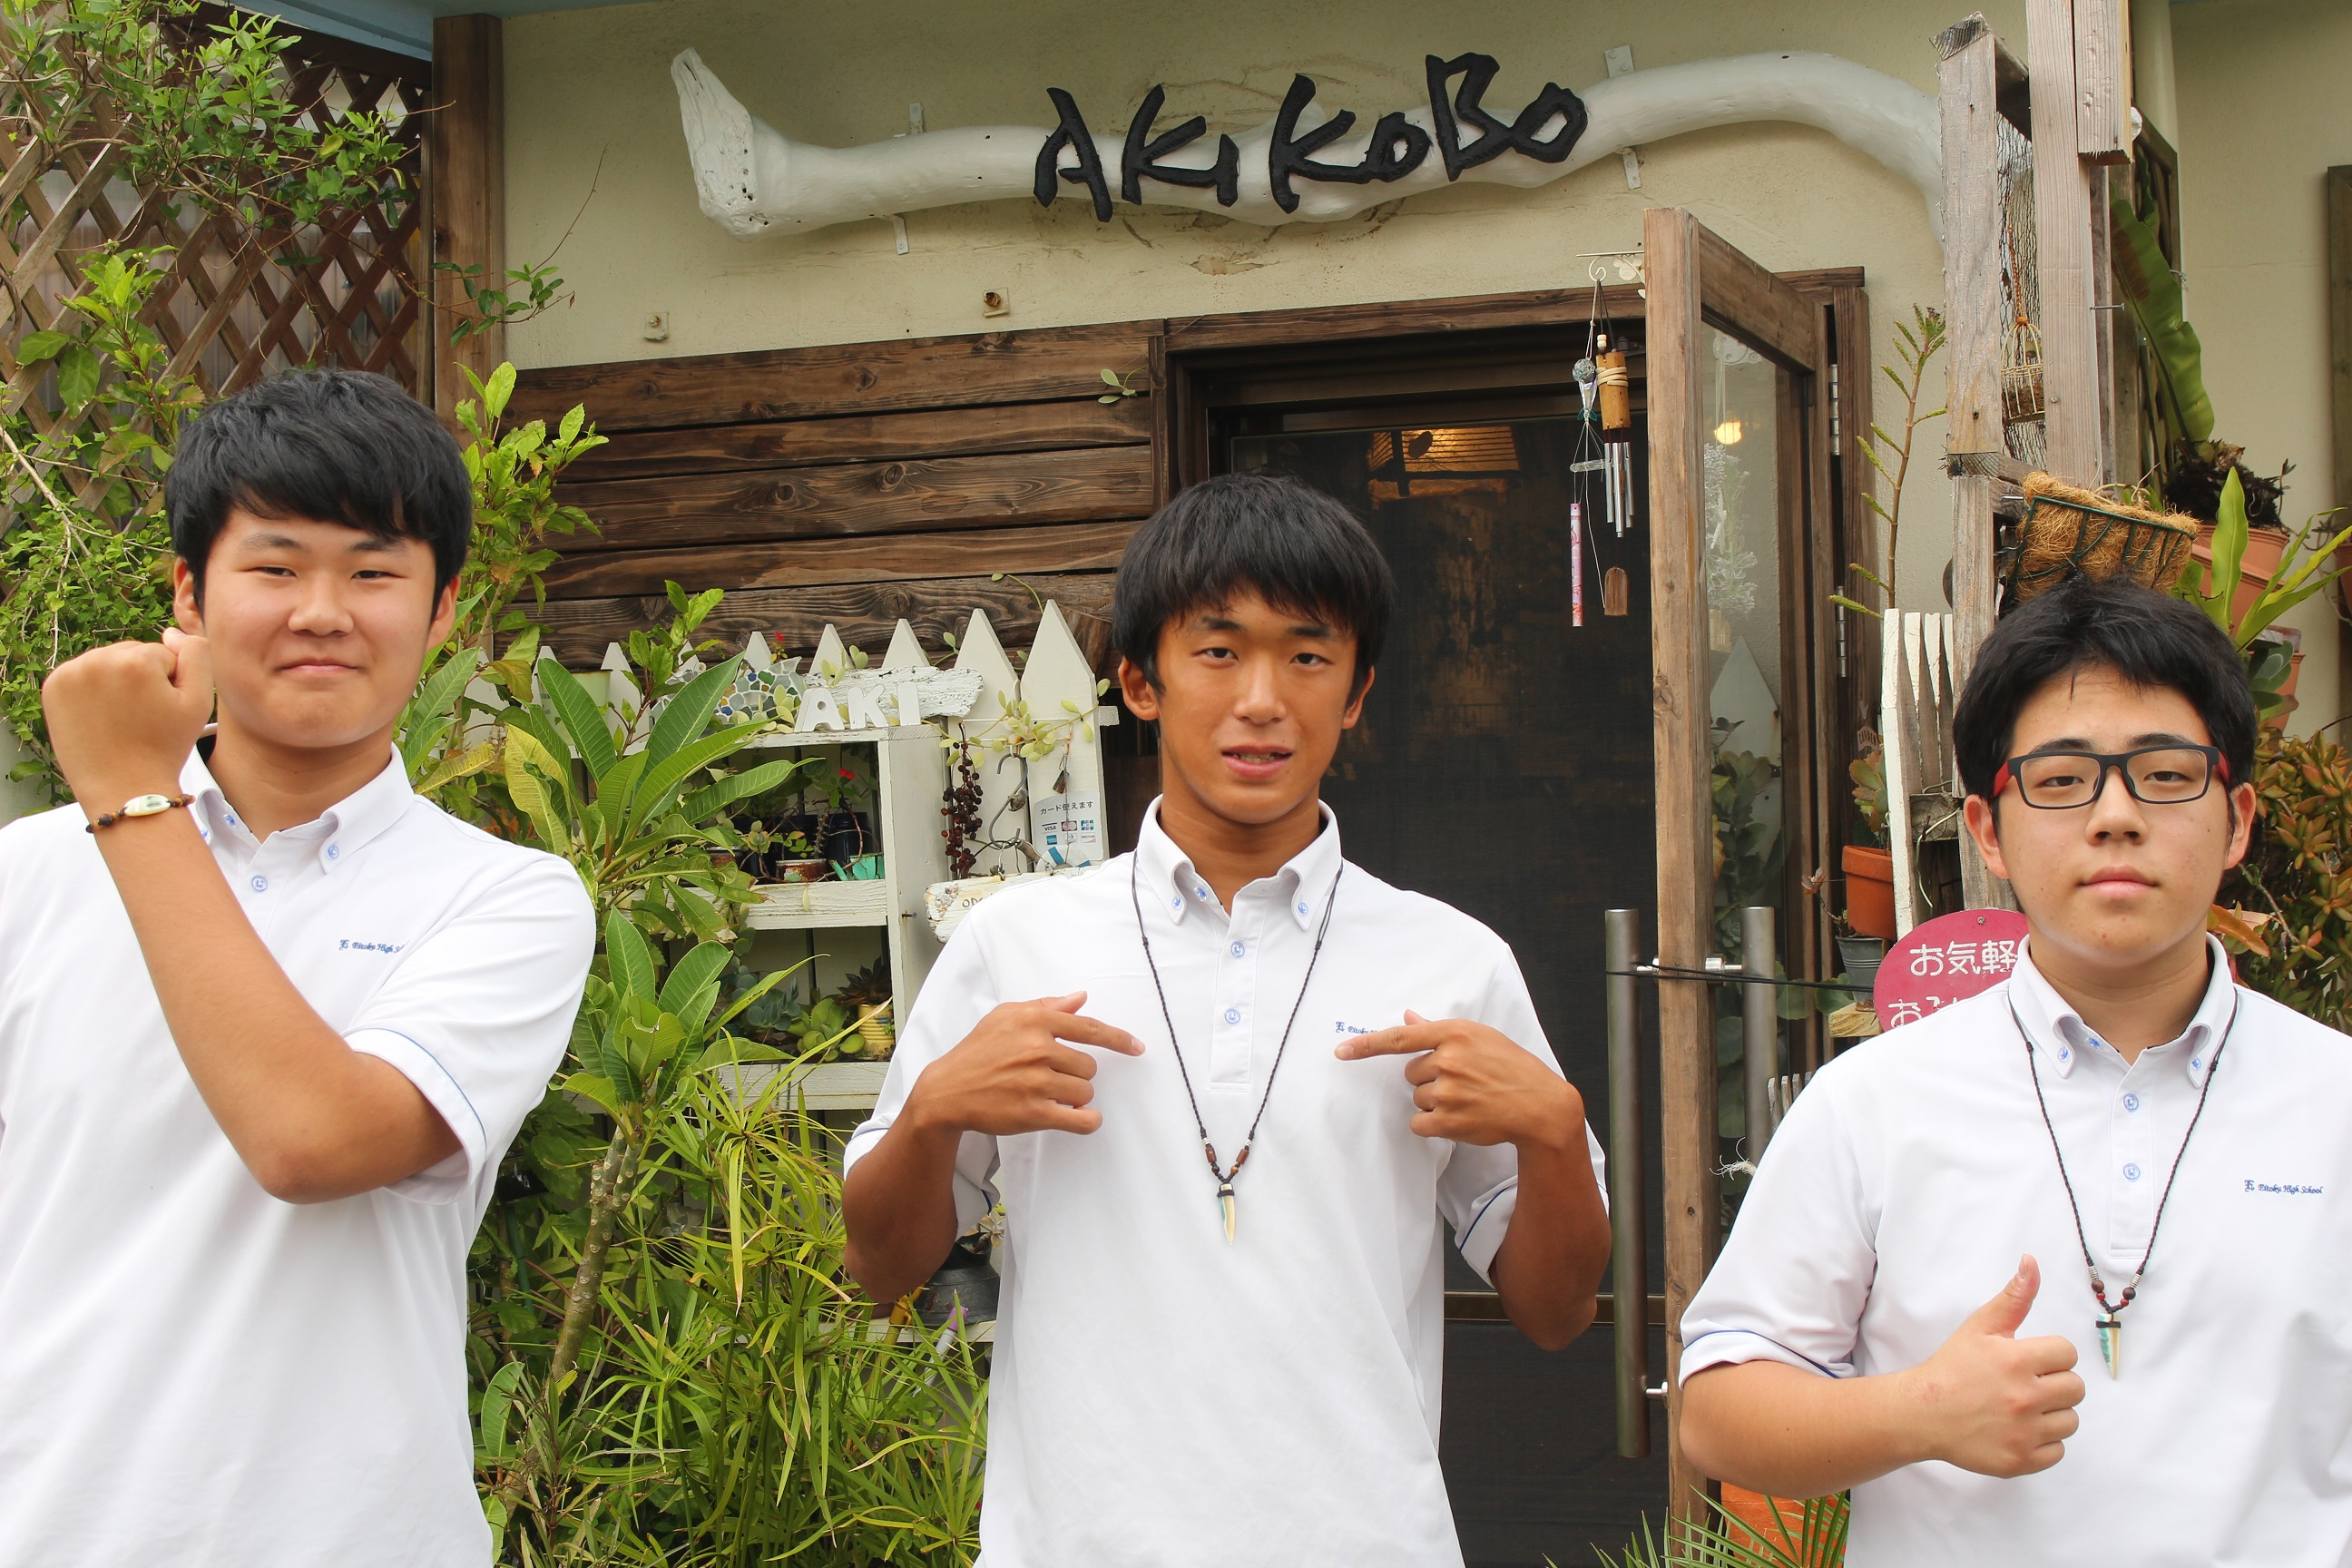 沖縄県 恩納村 AKI工房 手作り体験 貝殻雑貨 夜光貝 修学旅行 男子旅 ブレス ネックレス